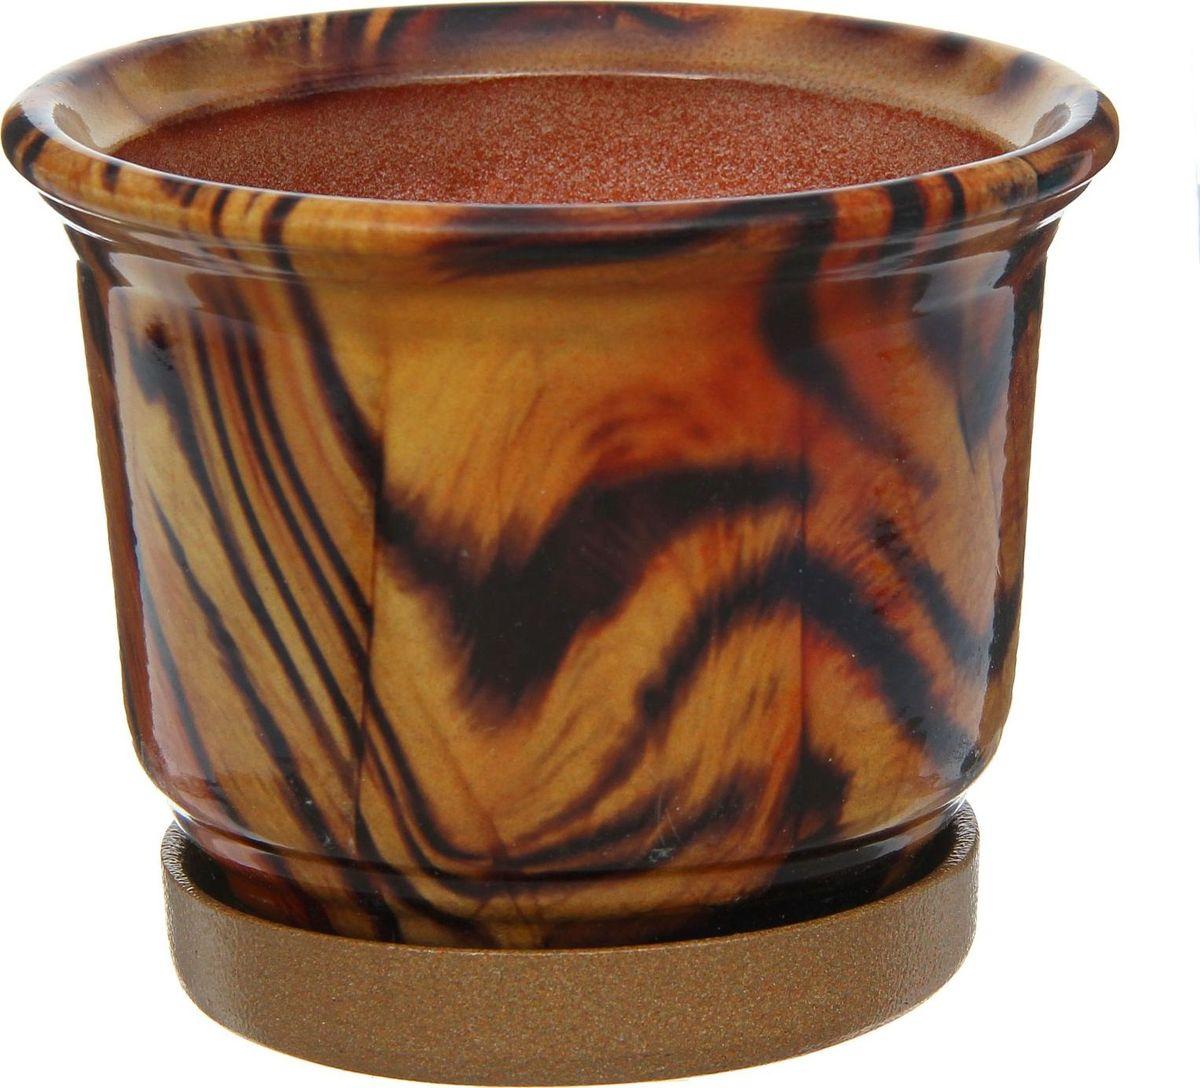 Кашпо Цветник. Ангоб, 0,9 л1253788Комнатные растения — всеобщие любимцы. Они радуют глаз, насыщают помещение кислородом и украшают пространство. Каждому из них необходим свой удобный и красивый дом. Кашпо из керамики прекрасно подходят для высадки растений: за счет пластичности глины и разных способов обработки существует великое множество форм и дизайнов пористый материал позволяет испаряться лишней влаге воздух, необходимый для дыхания корней, проникает сквозь керамические стенки! позаботится о зеленом питомце, освежит интерьер и подчеркнет его стиль.